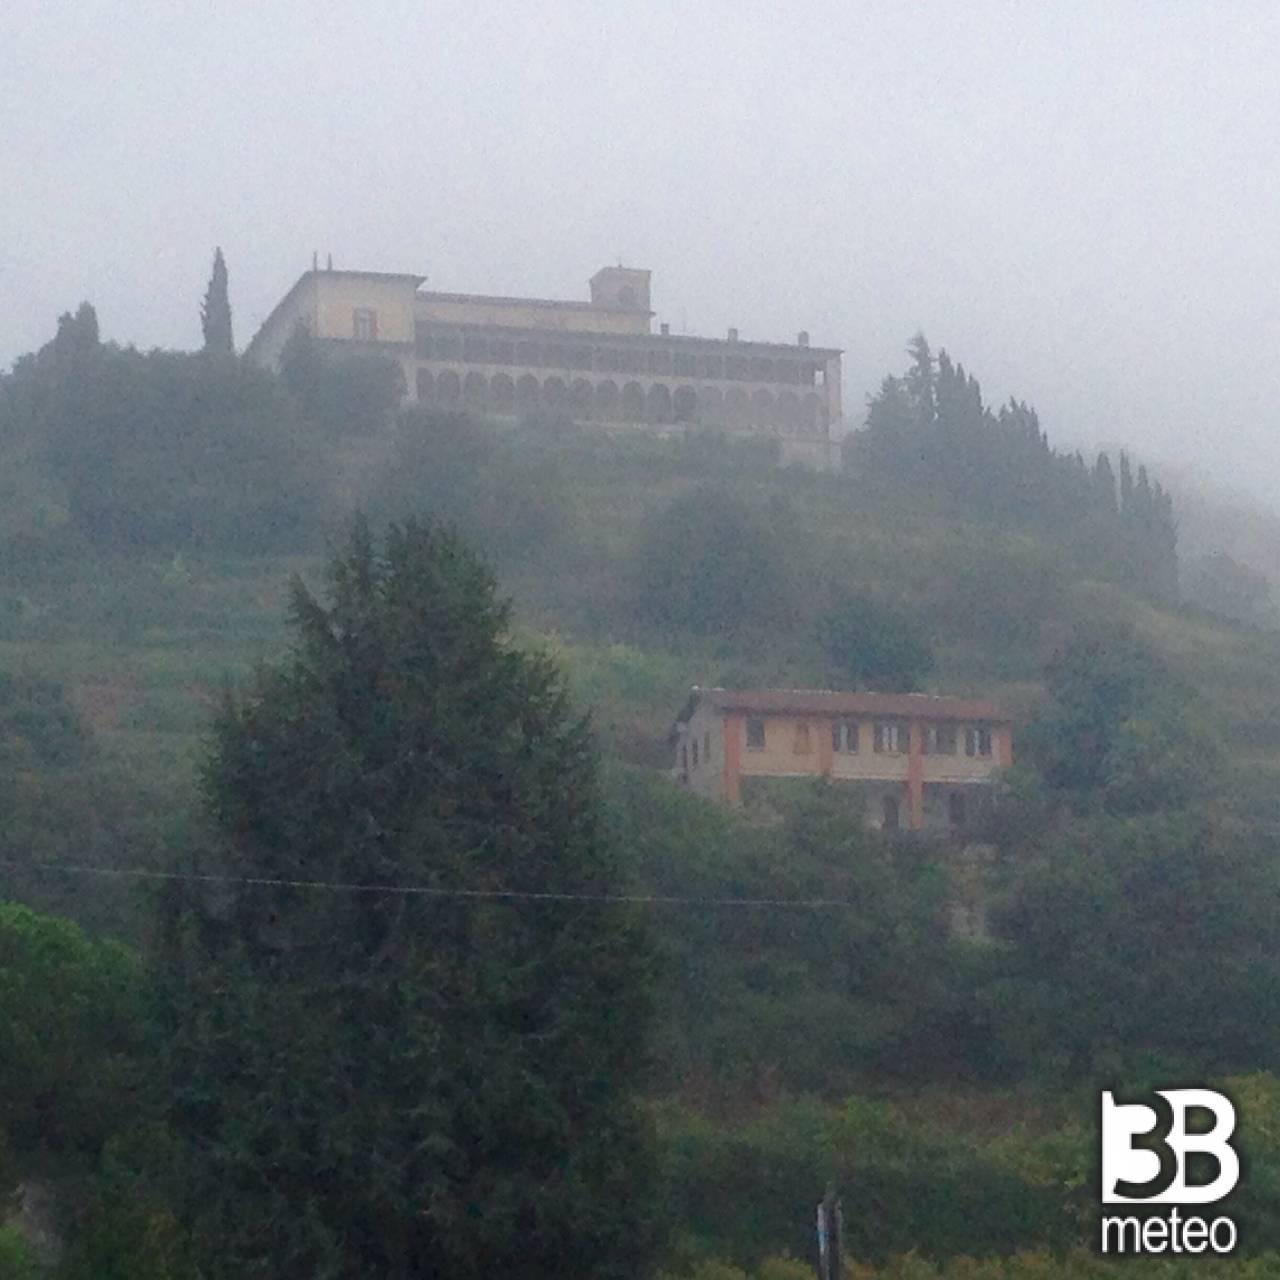 Convento di rovato foto gallery 3b meteo - 3b meteo bagno di romagna ...